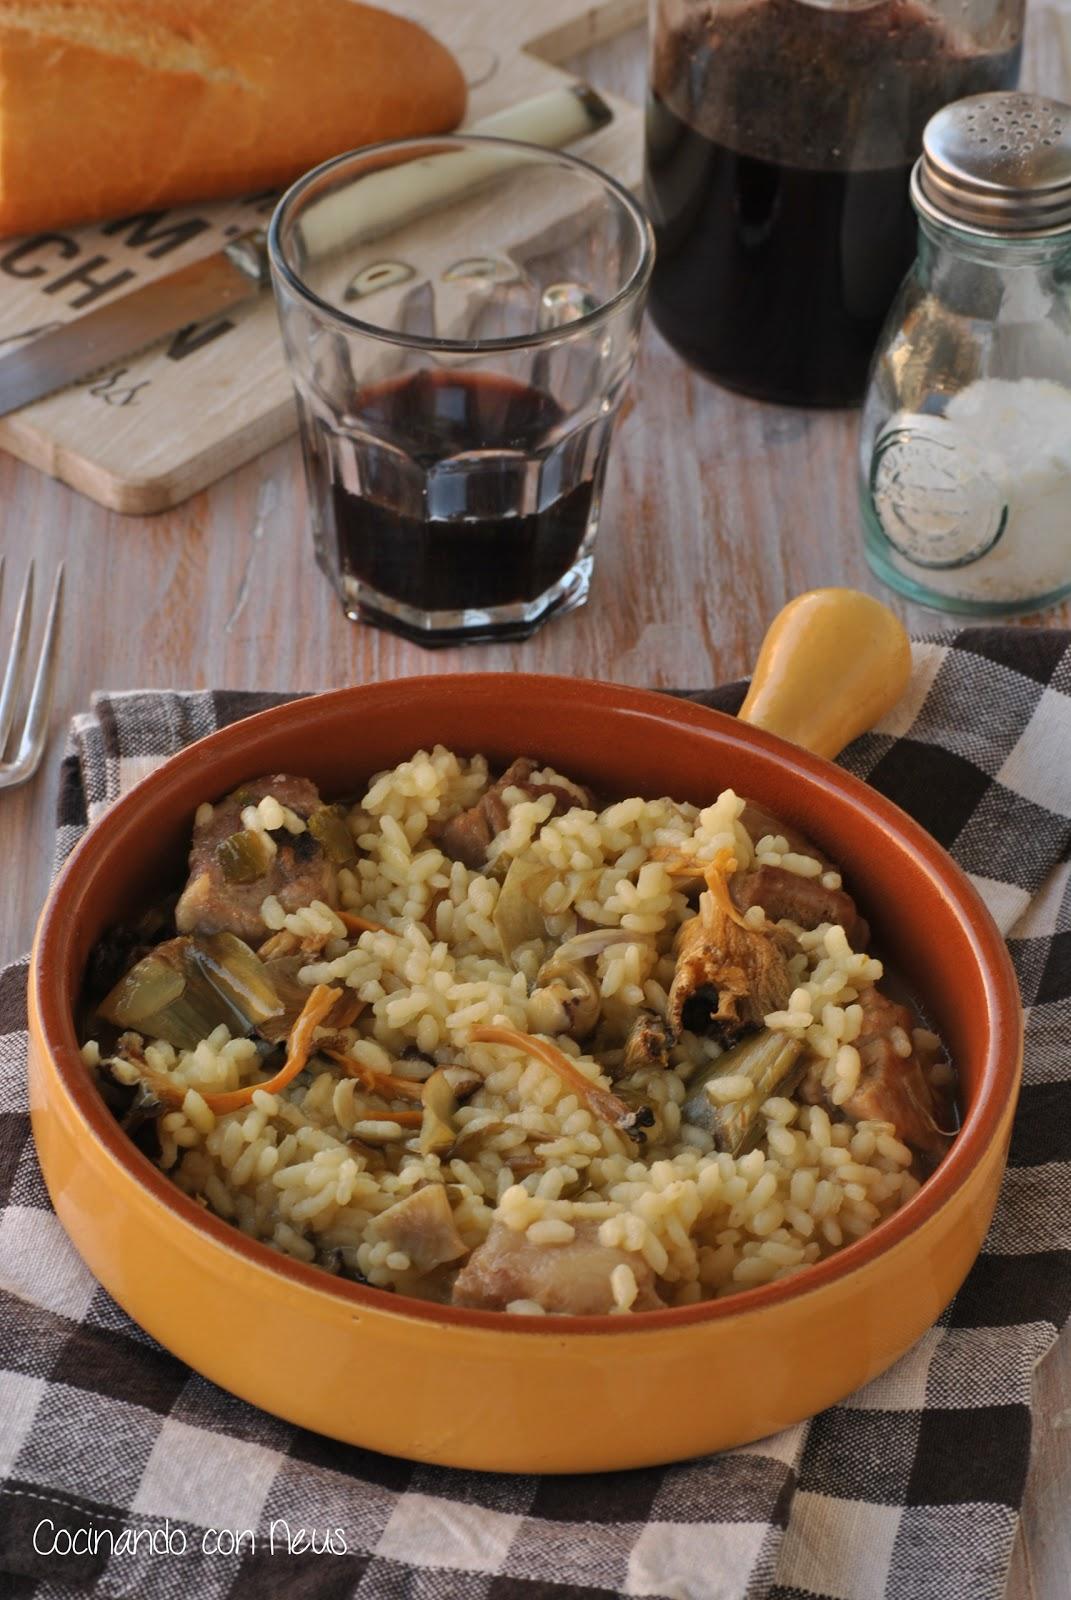 Cocinando con neus arroz con costilla de cerdo y alcachofas - Arroz caldoso con costillas y alcachofas ...